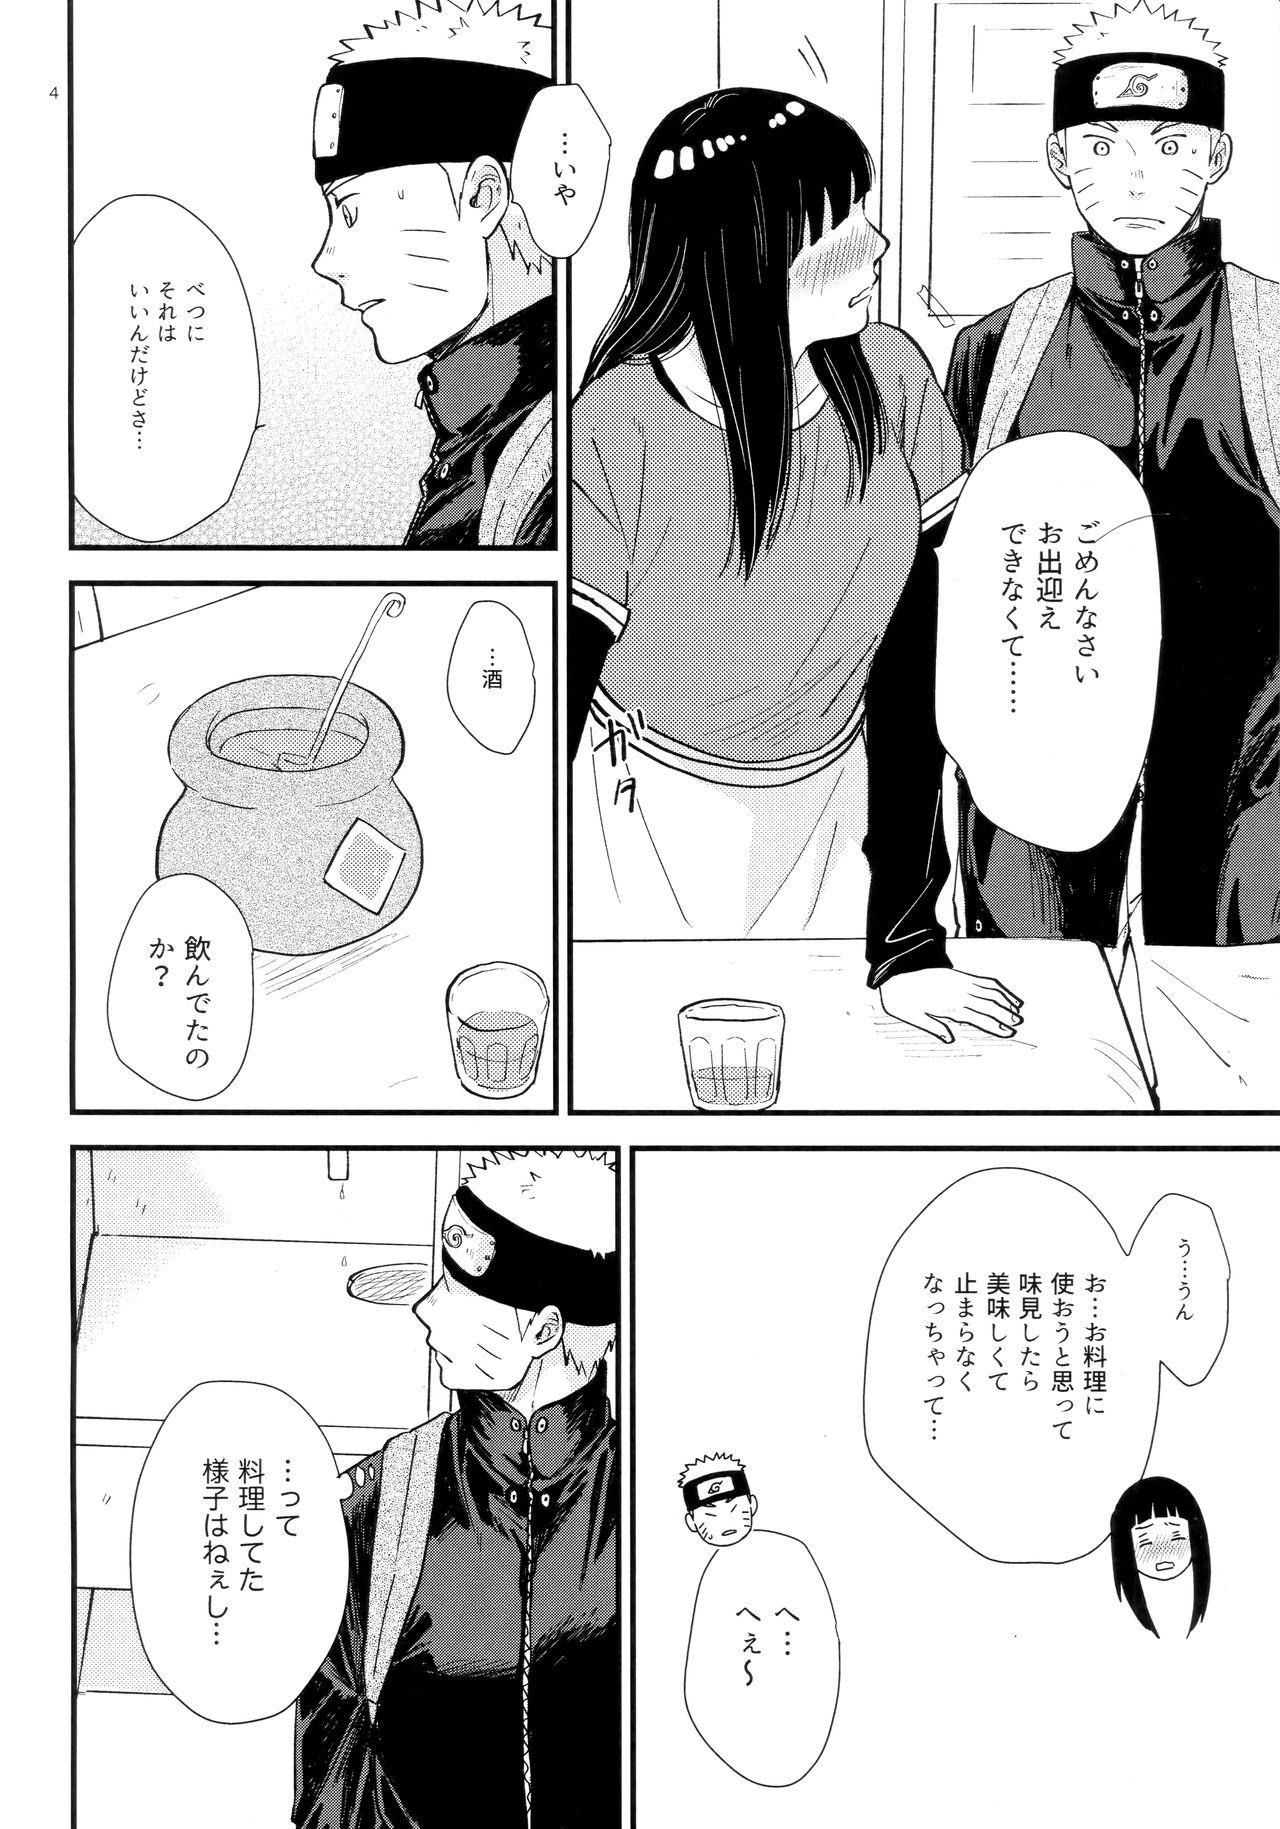 Hachimitsu to Himitsu 2